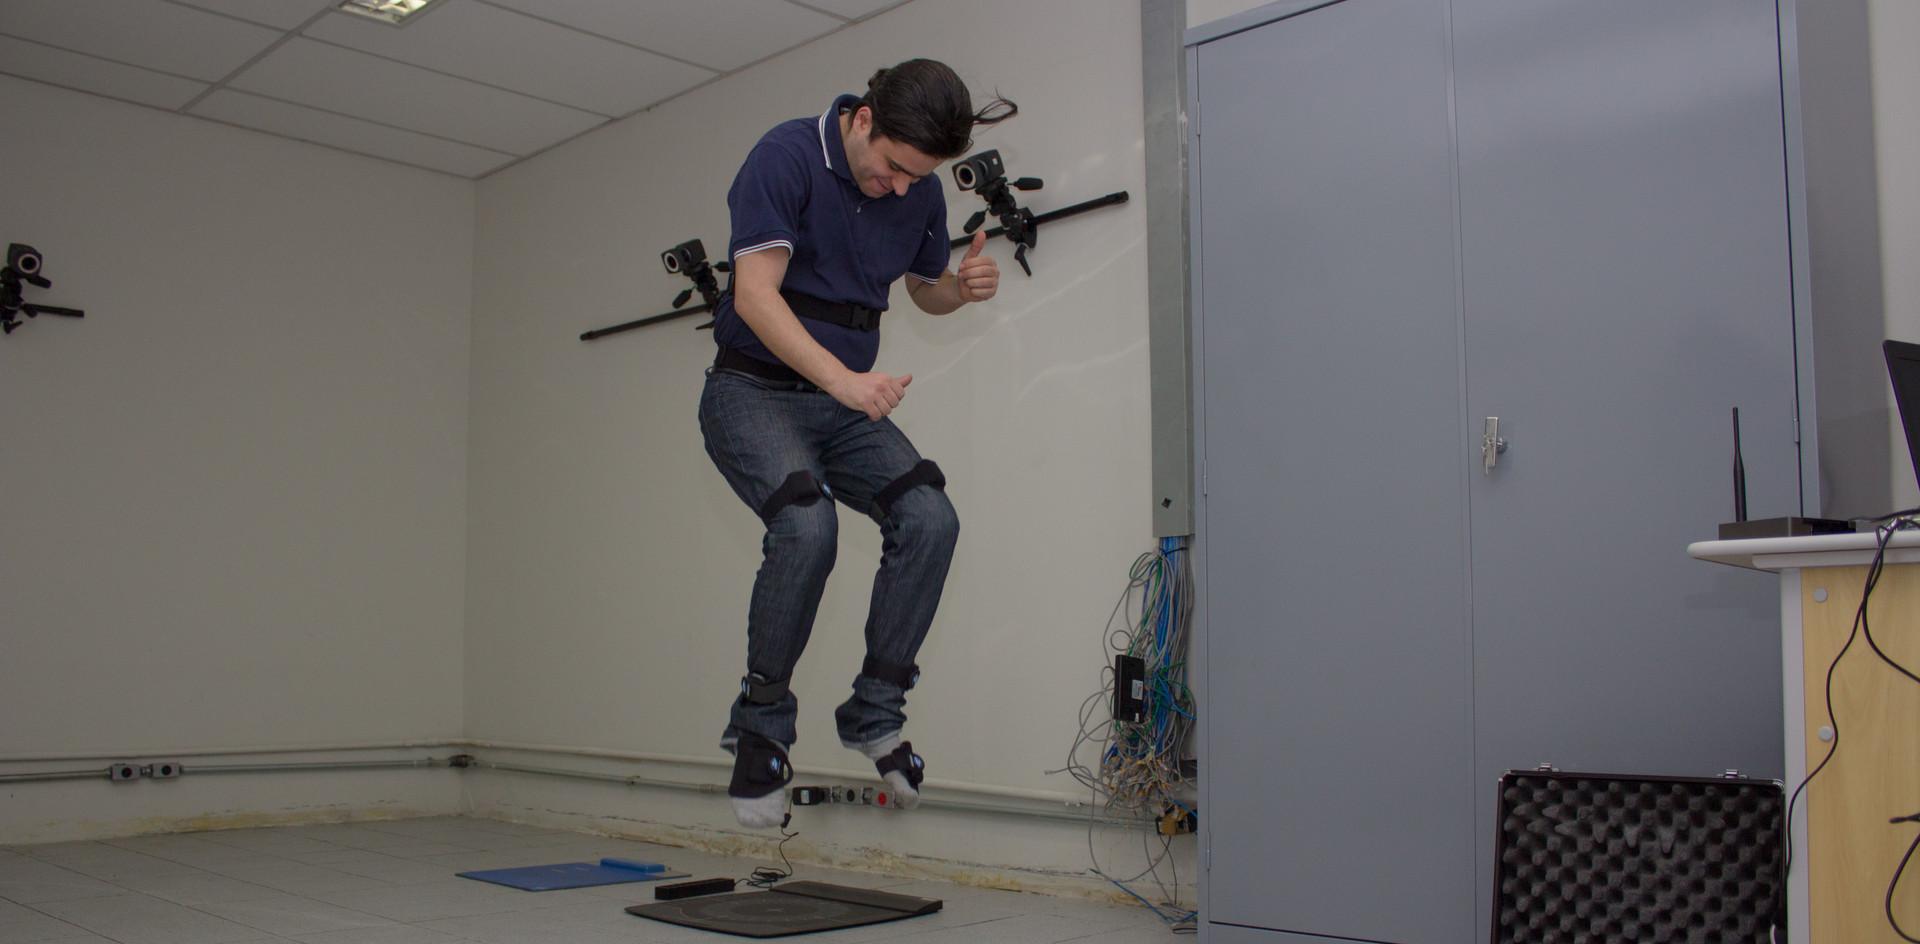 Laboratório de Movimento e Equilíbrio A missão do Laboratório de Movimento e Equilíbrio (LME) é ser um centro de excelência em pesquisa na área de avaliação funcional. O LME estuda a dinâmica do movimento em 3D, e do equilíbrio do sistema músculo esquelético por meio da avaliação baropodométrica e estabilométrica. Desta forma objetiva-se identificar fatores de risco de lesões relacionadas com desajustes do movimento e do equilíbrio, visando manter a saúde e a realização das atividades diárias dos indivíduos. O LME realiza baropodometria computadorizada, avaliação proprioceptiva, análise muscular por eletromiografia de superfície e análise do movimento em 3D. Os projetos de P&D&I são coordenados por pesquisadores doutores e realizados com a participação de alunos de iniciação científica, mestrandos e doutorandos.